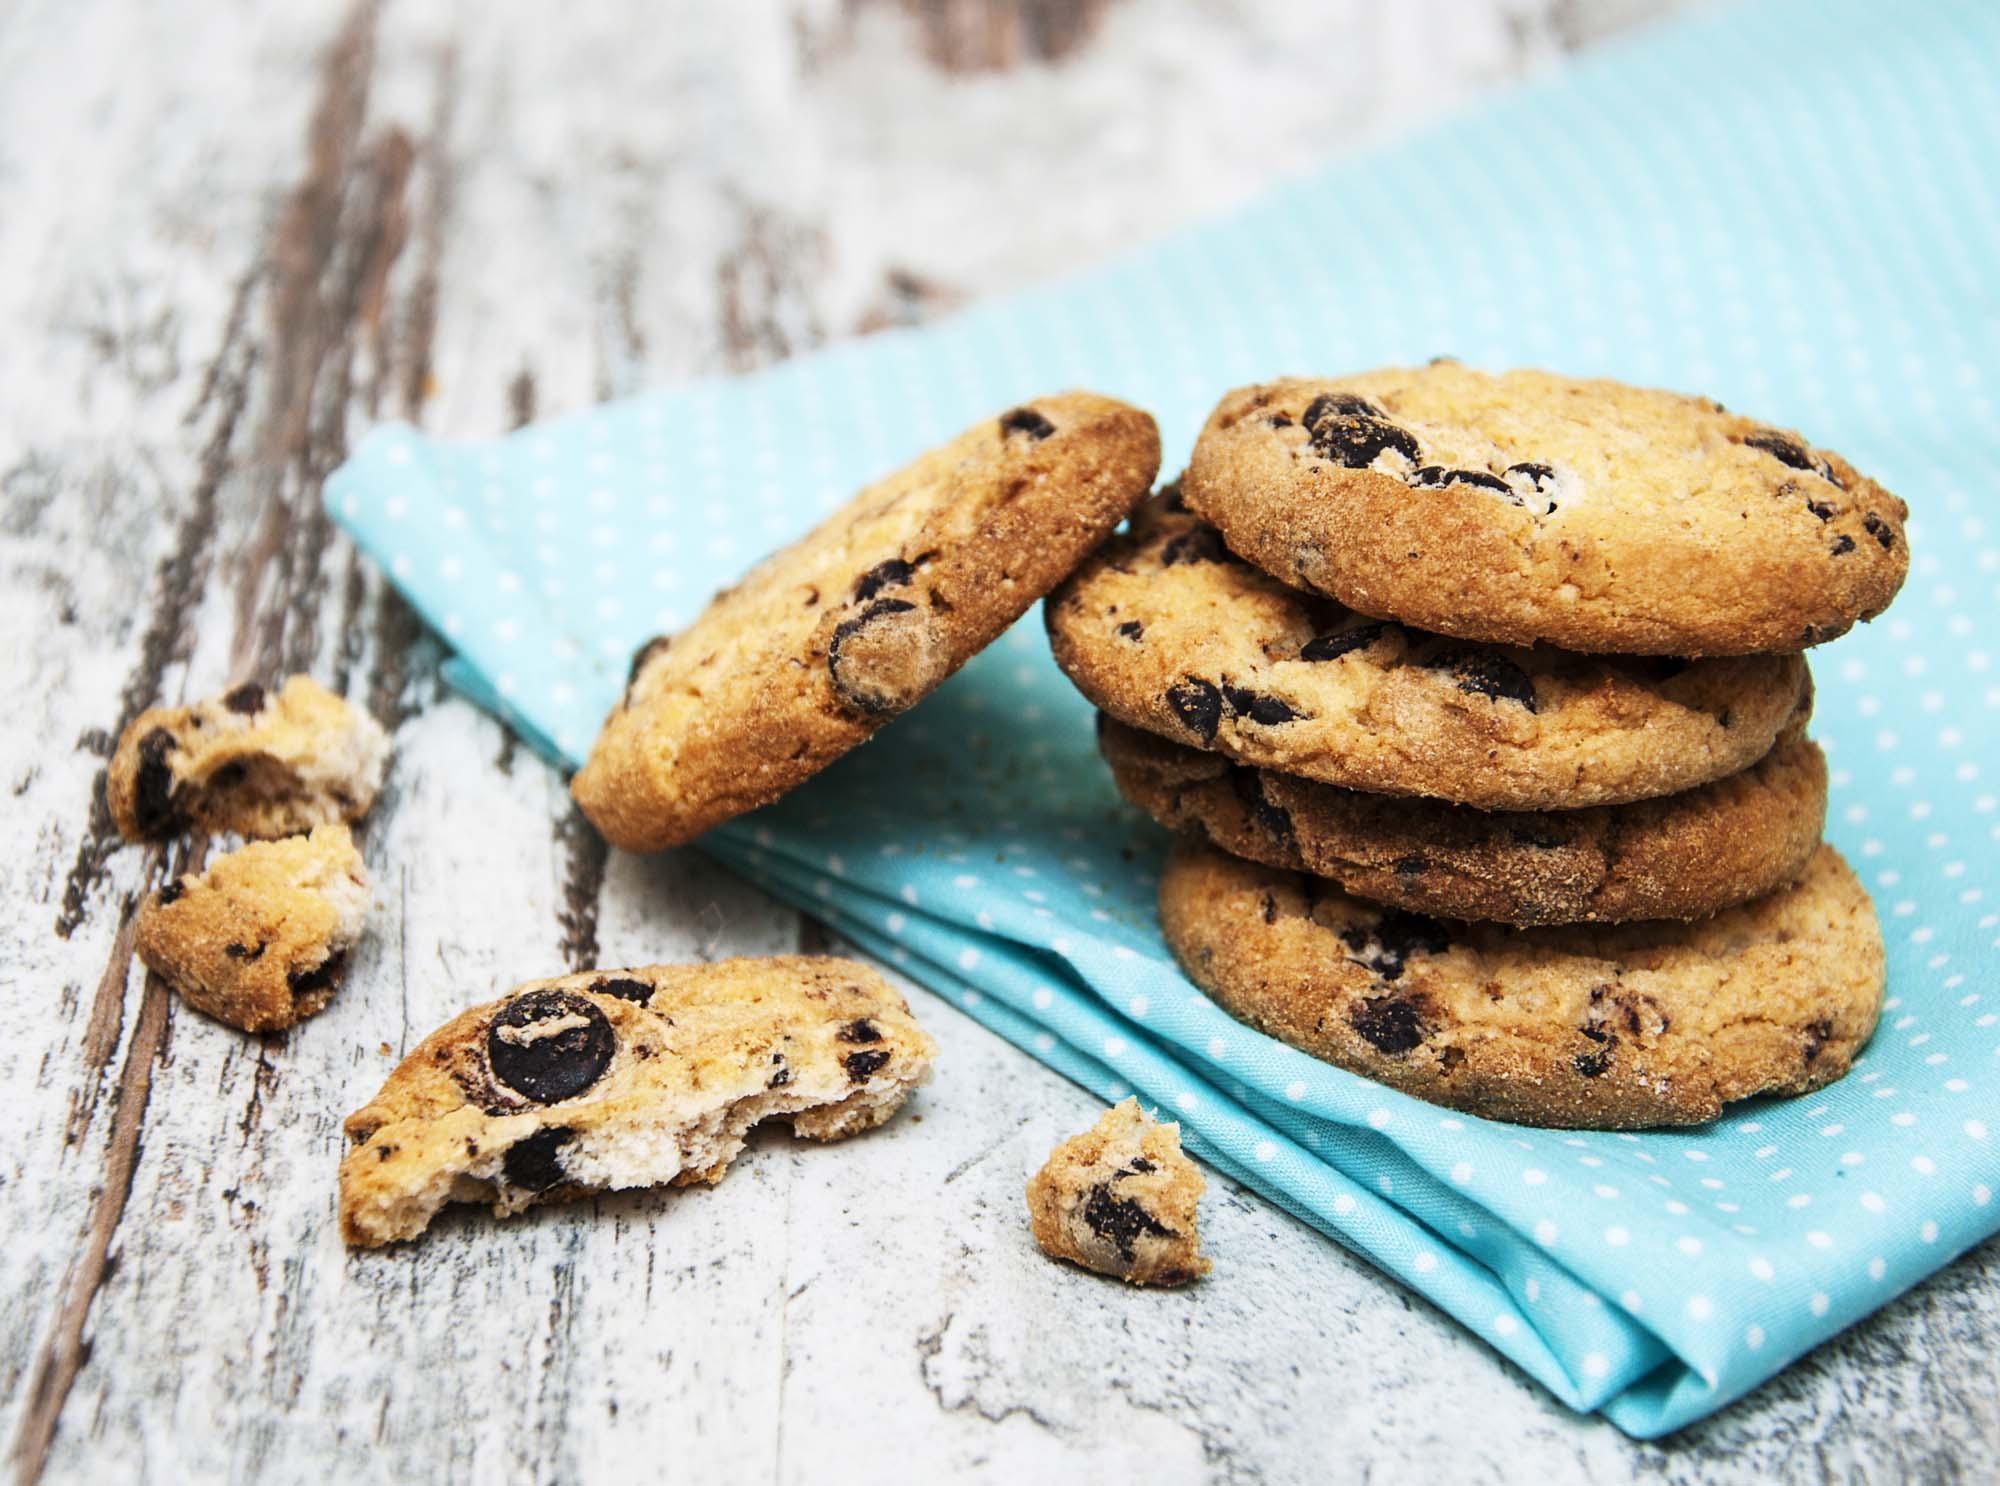 Chokolade småkager